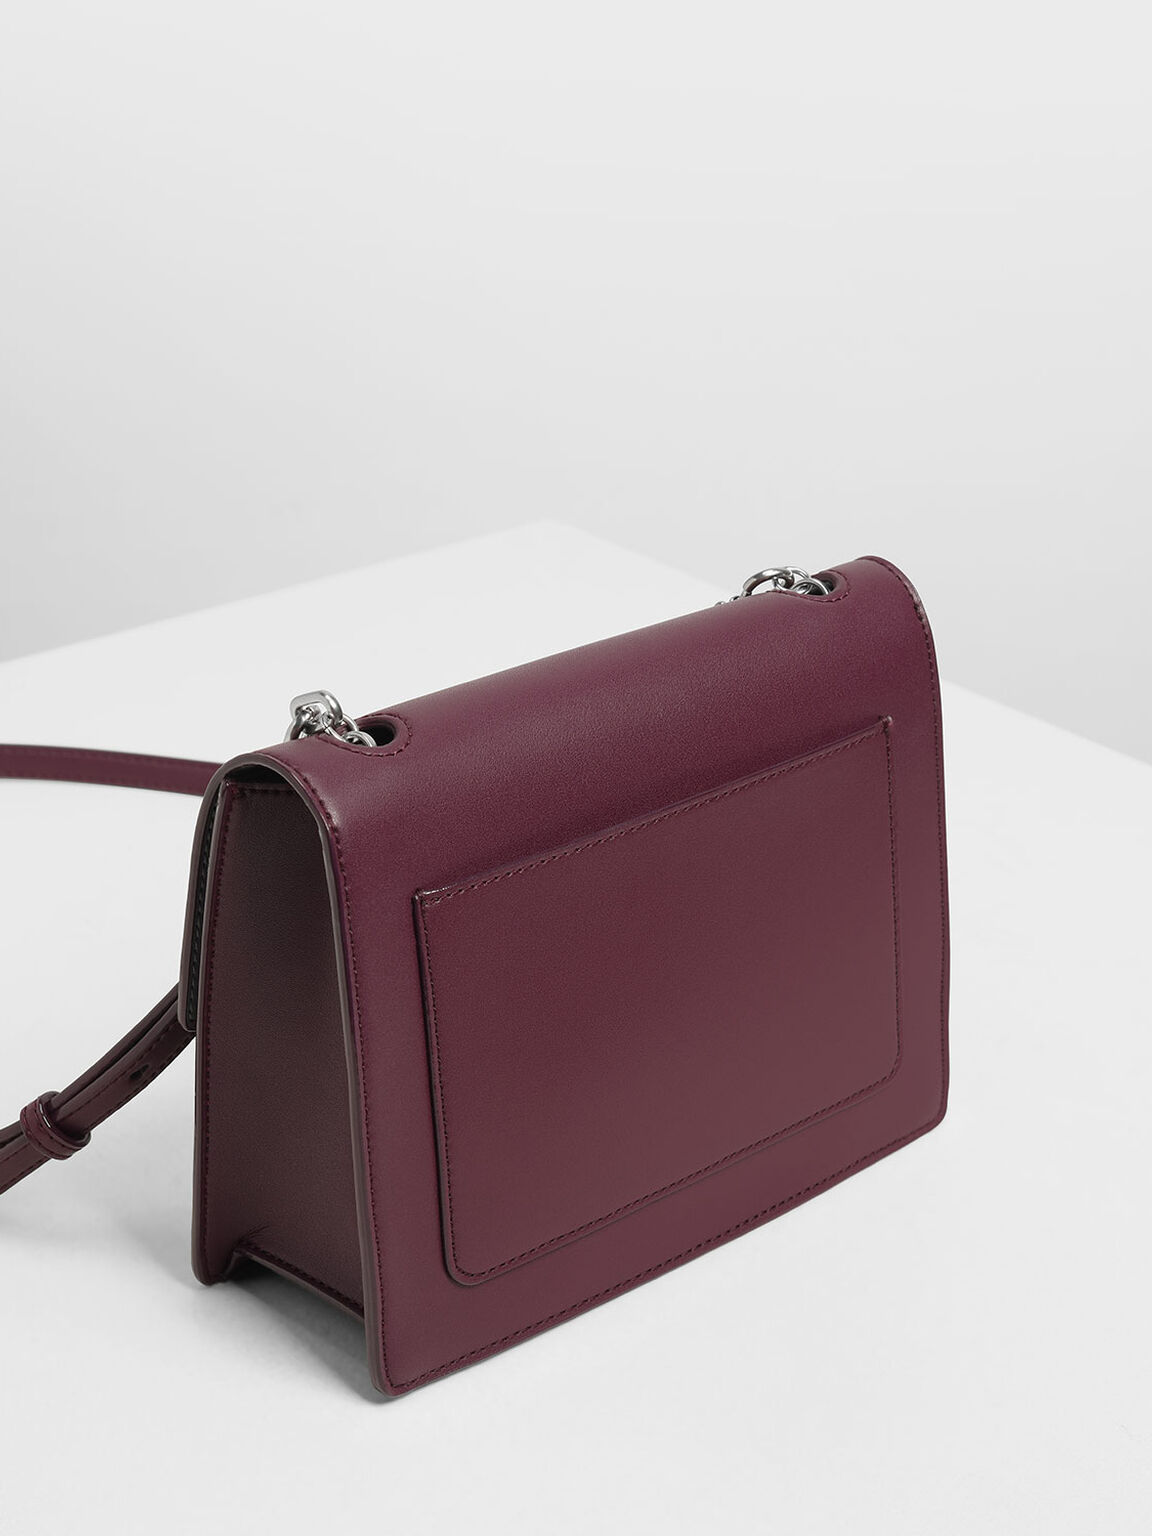 Padlock Shoulder Bag, Prune, hi-res